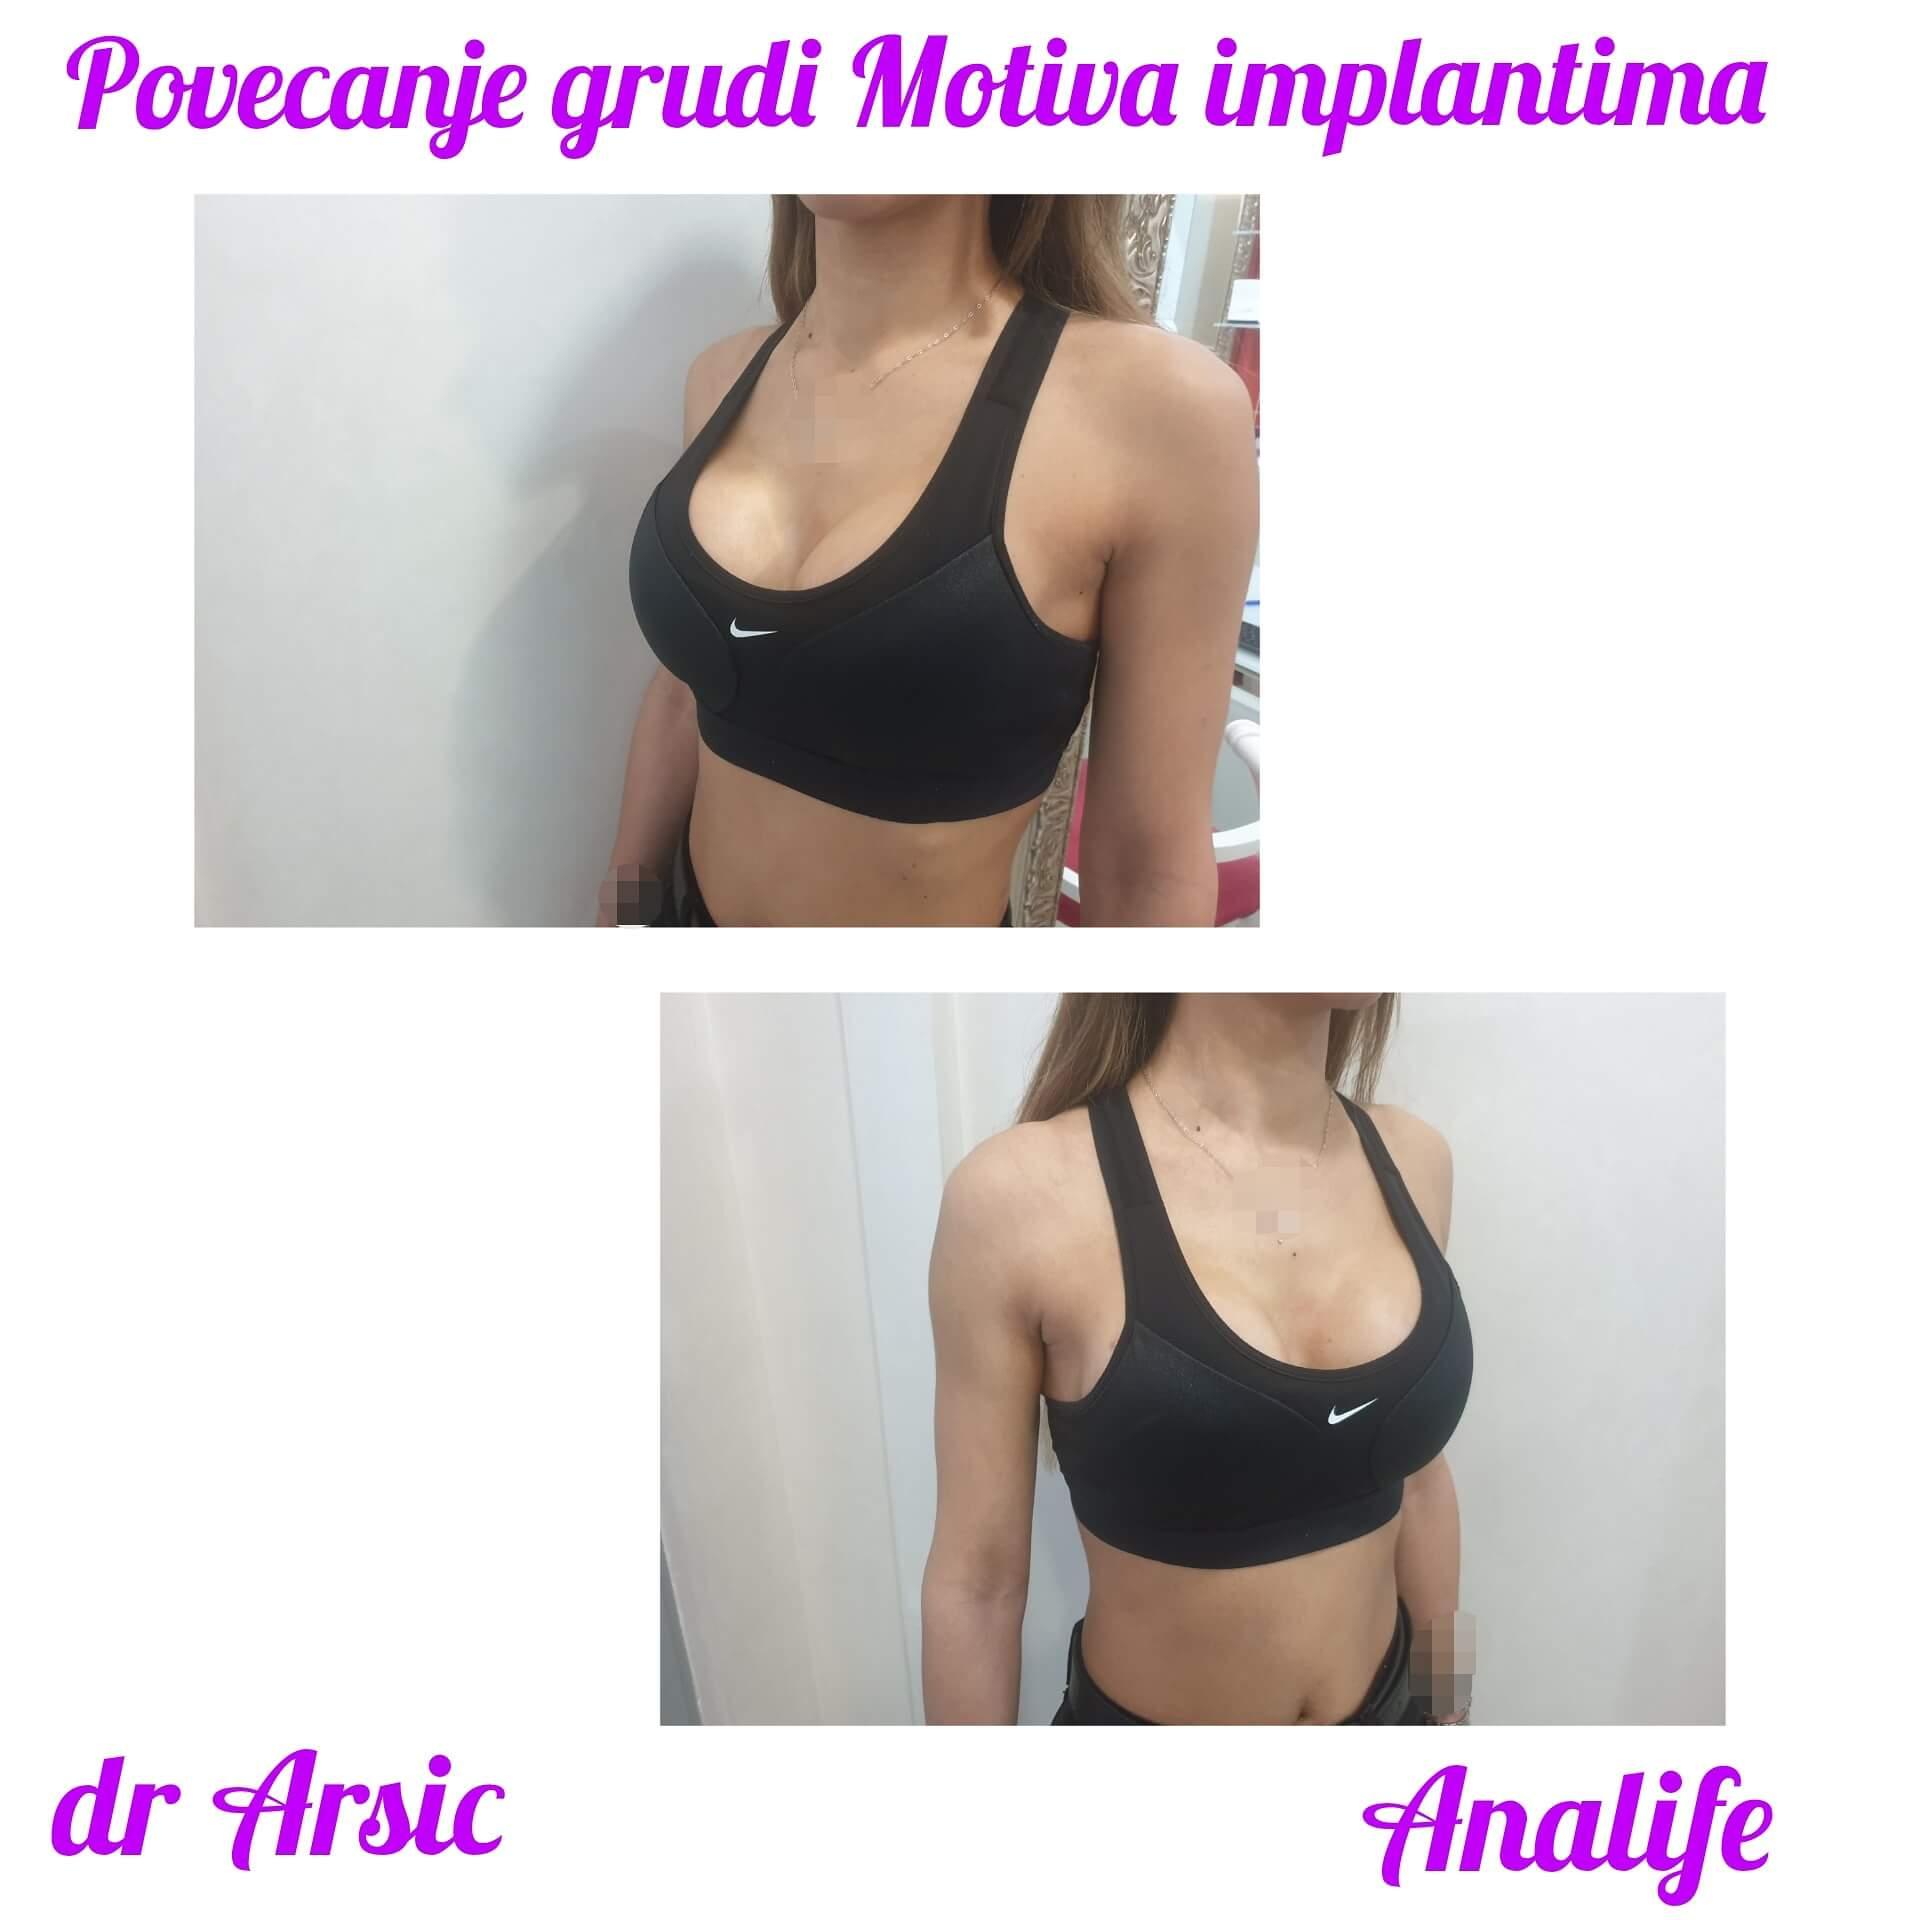 Nekada su žene krile svoje nedostatke....ali danas mogu zahvaljujući dr Arsiću, #Analife bolnici i savršenim #Motiva implantima da ih se reše zauvek!